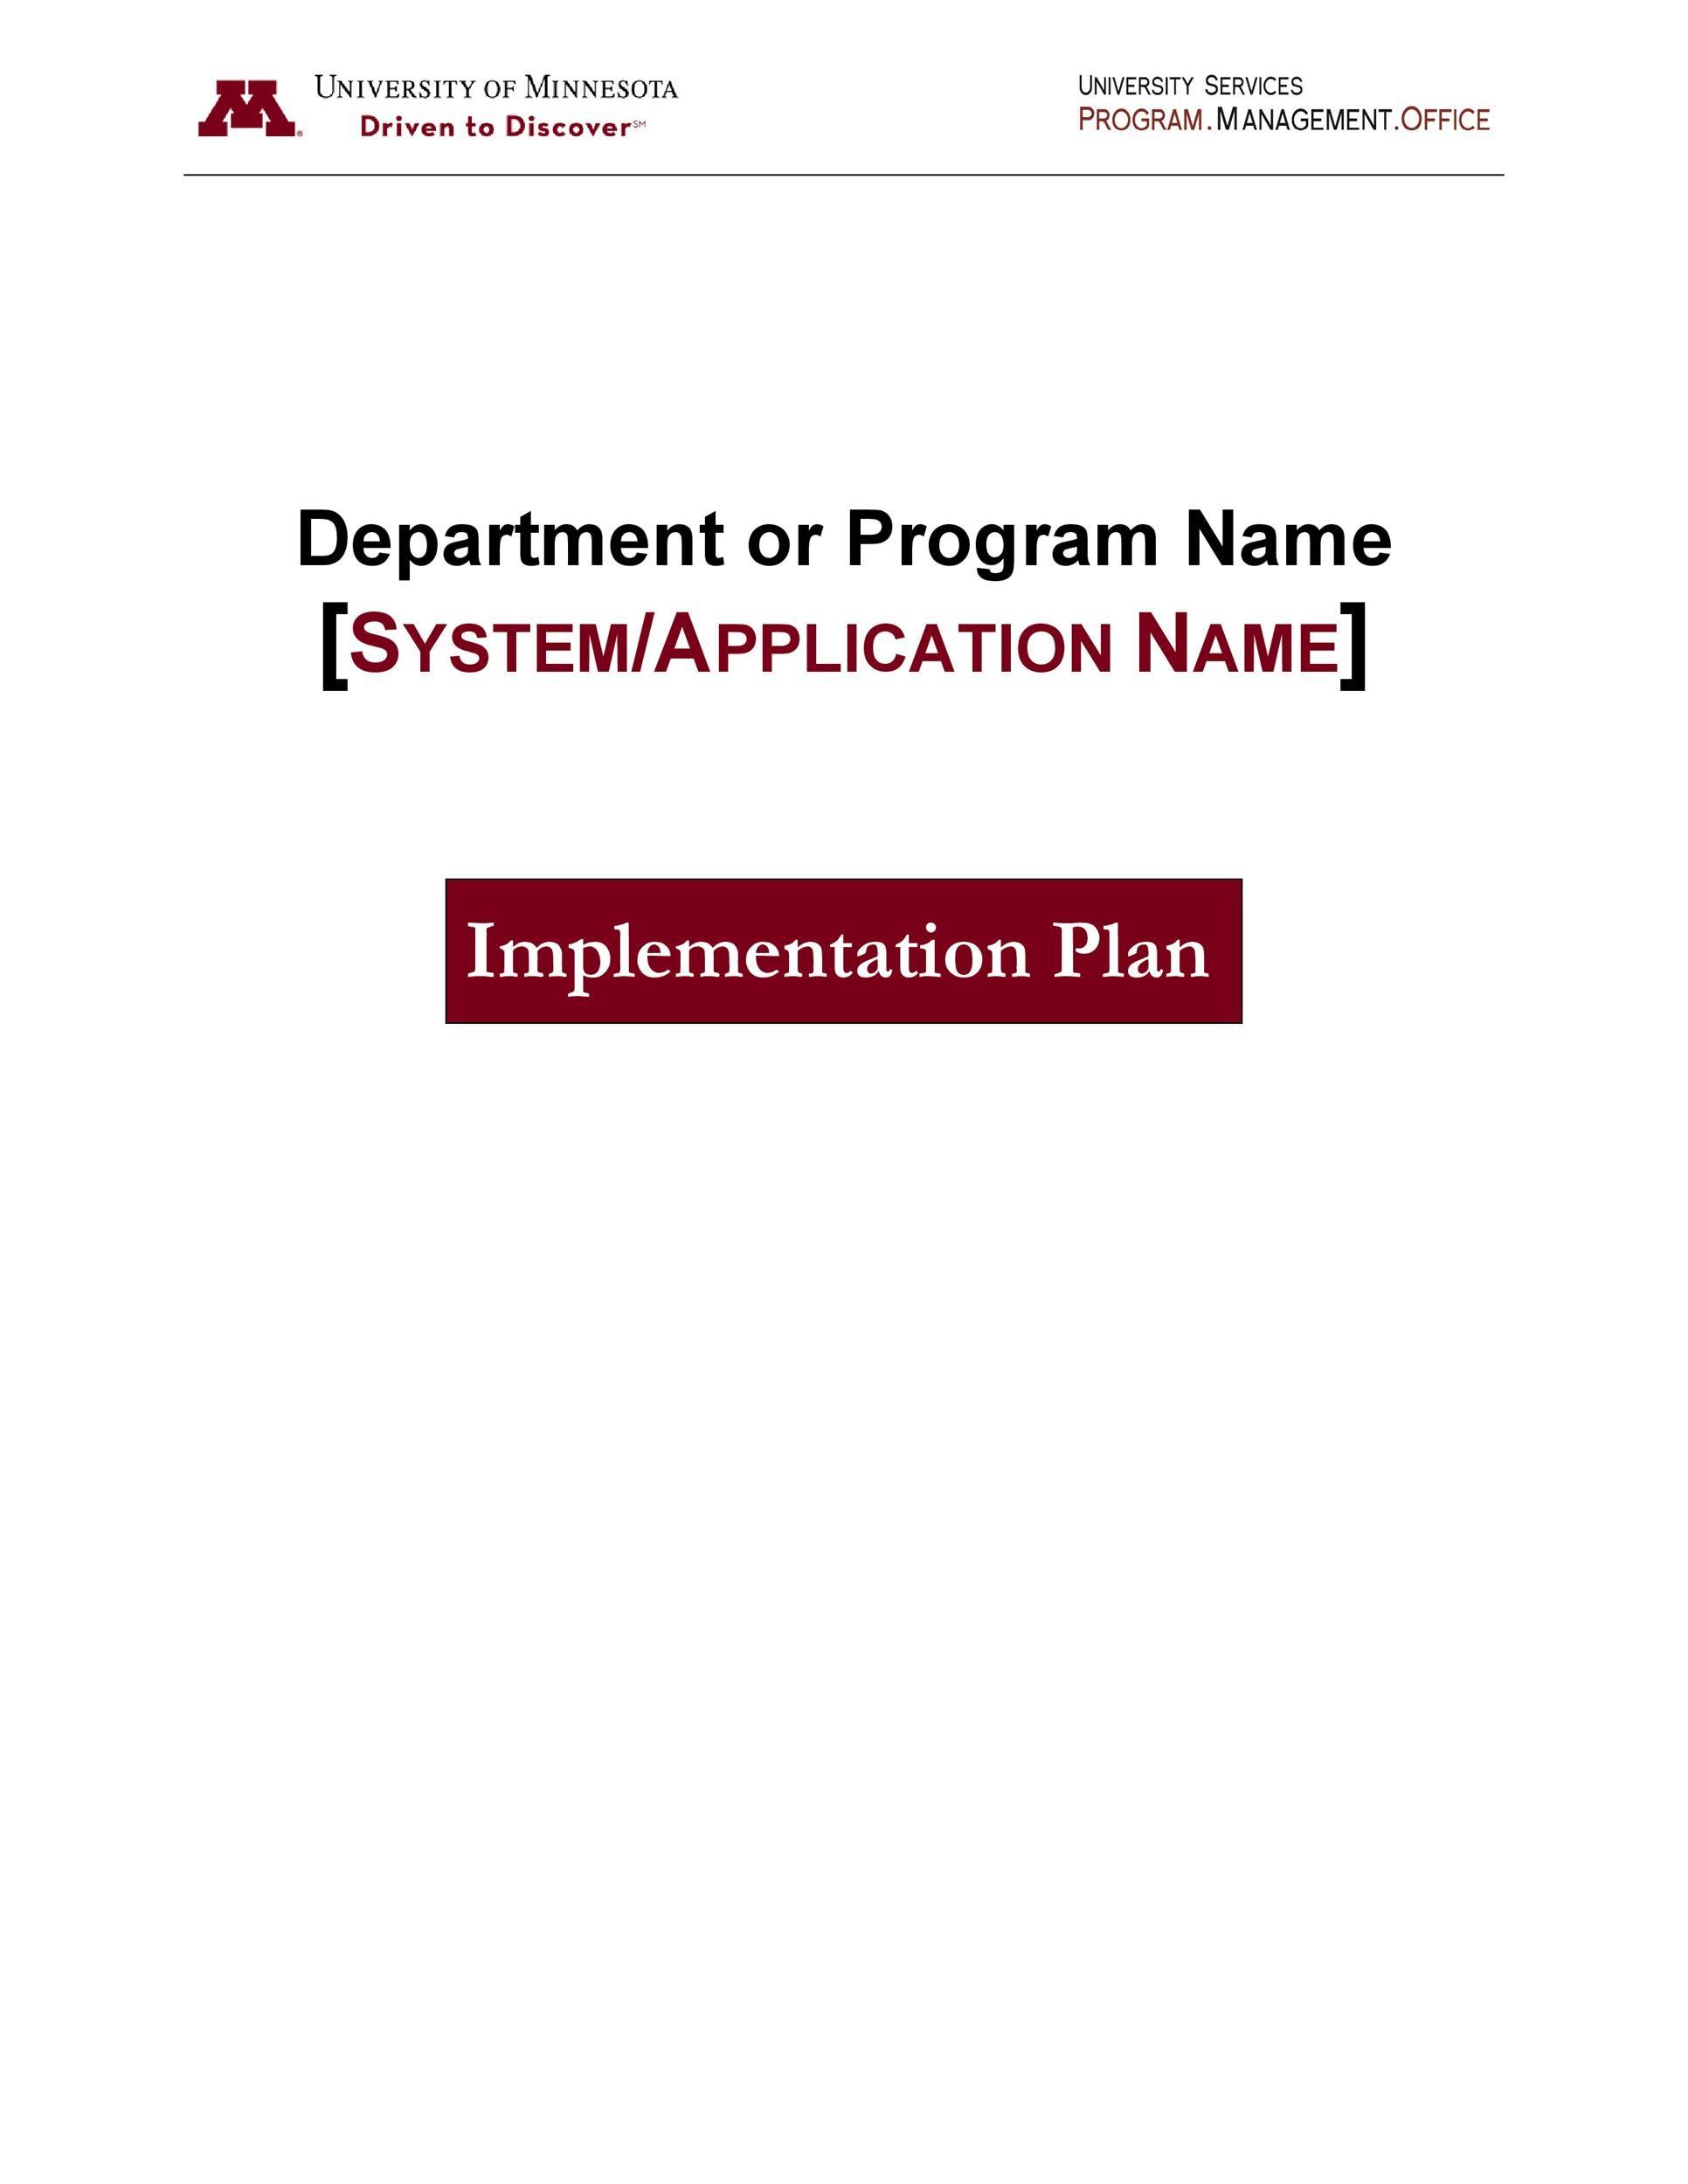 Free implementation plan 20